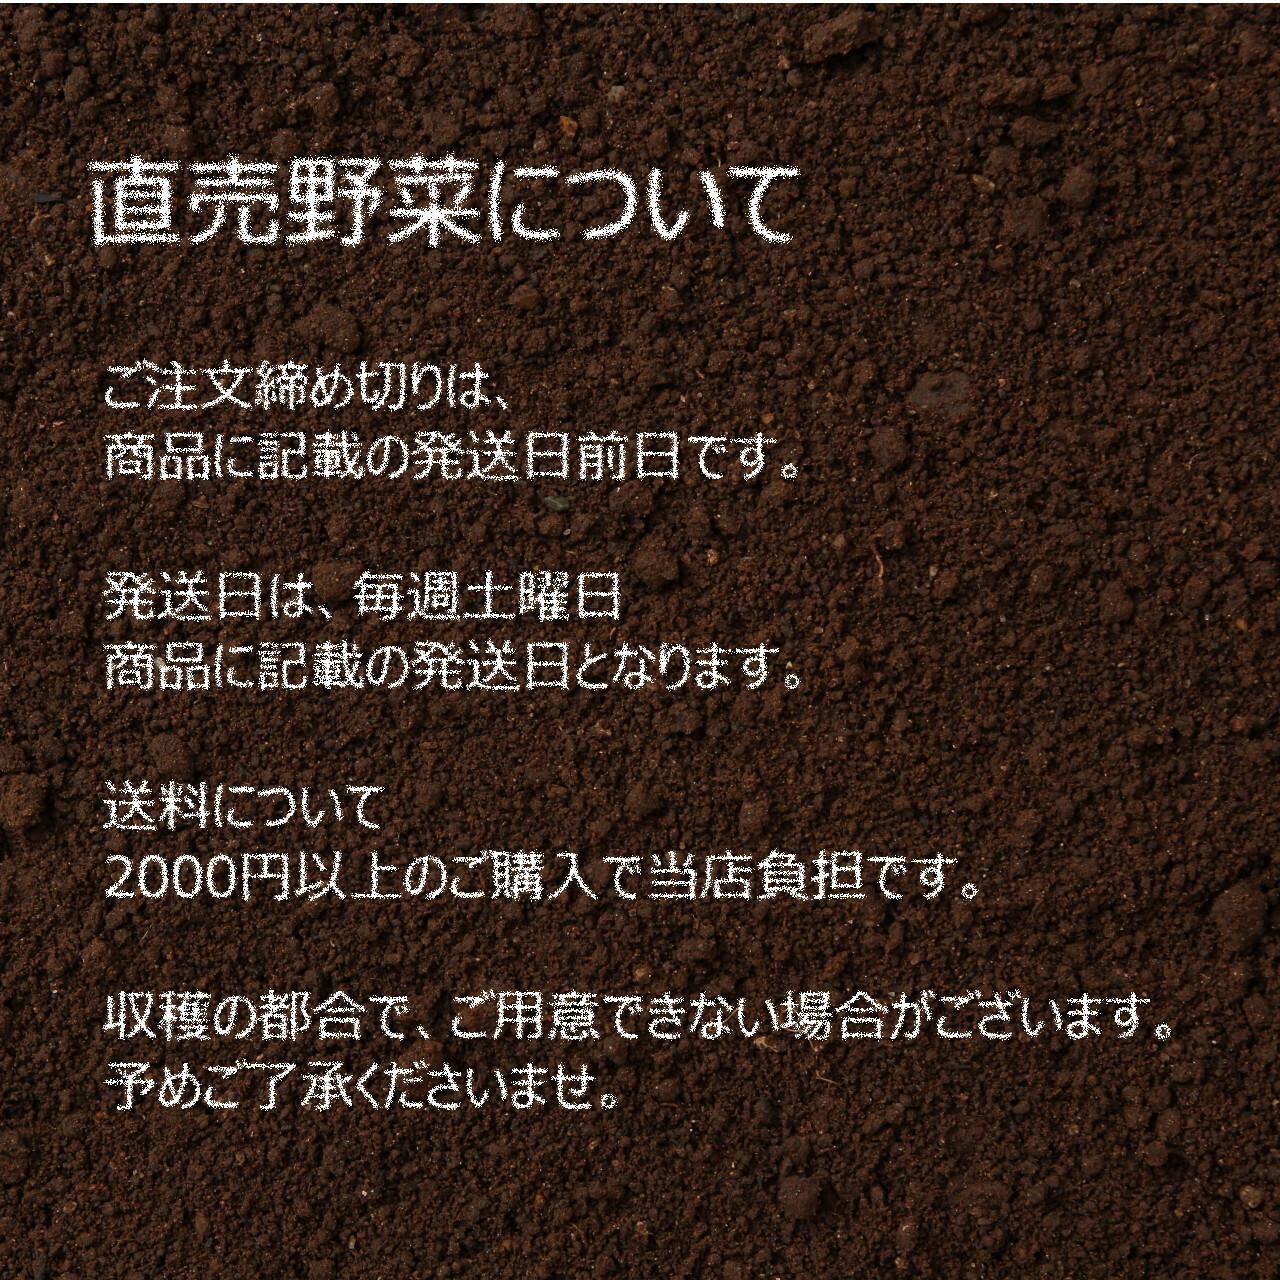 新鮮な秋野菜 : ししとう 約300g 9月の朝採り直売野菜 9月26日発送予定